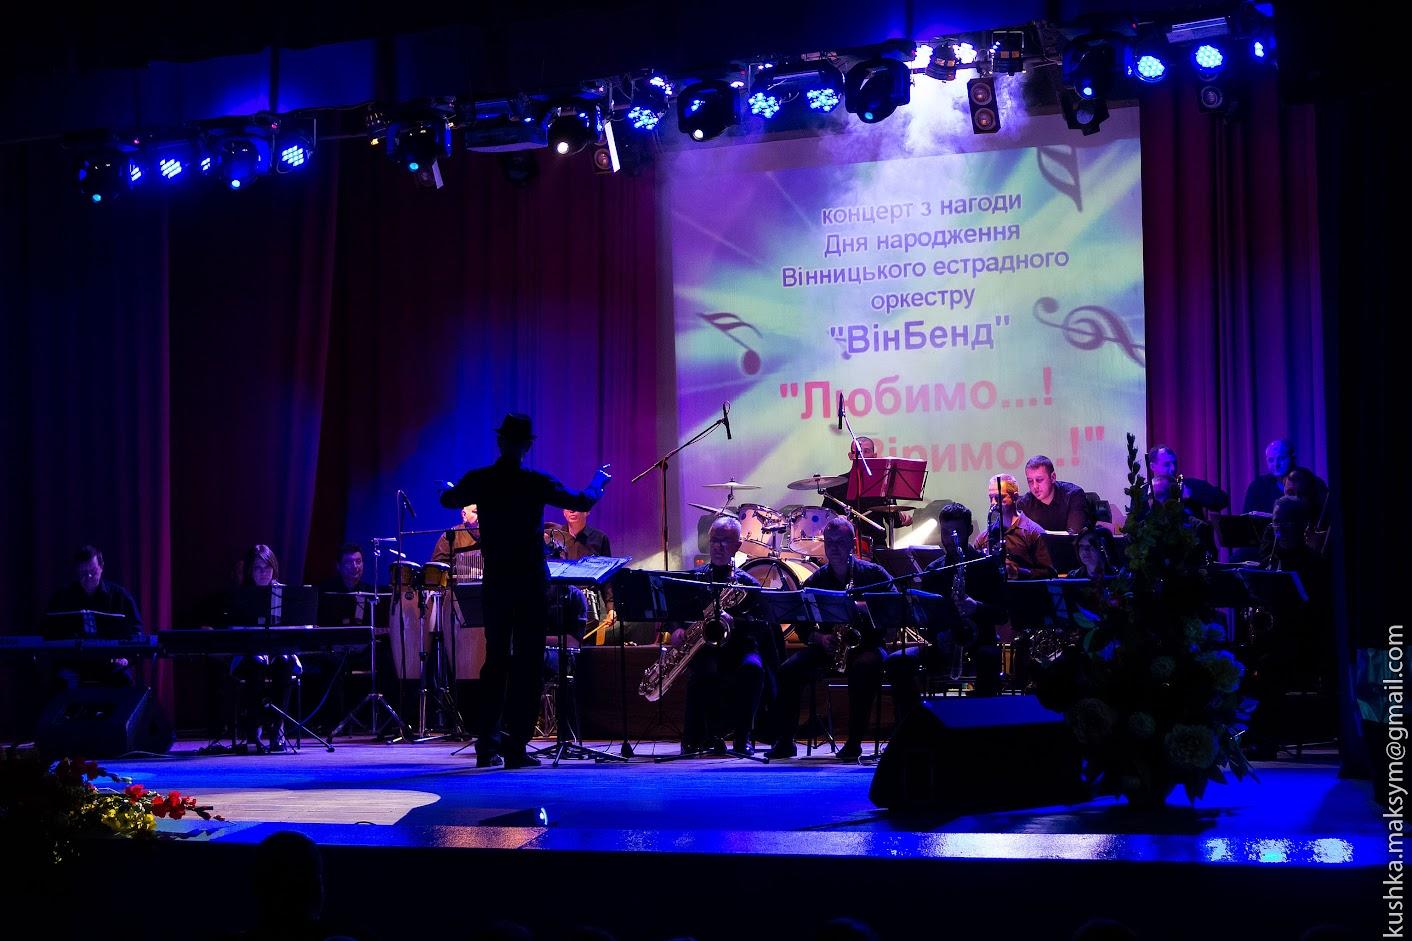 «ВінБенду» - 10 років! Вінницький оркестр запрошує відсвяткувати свій перший ювілей